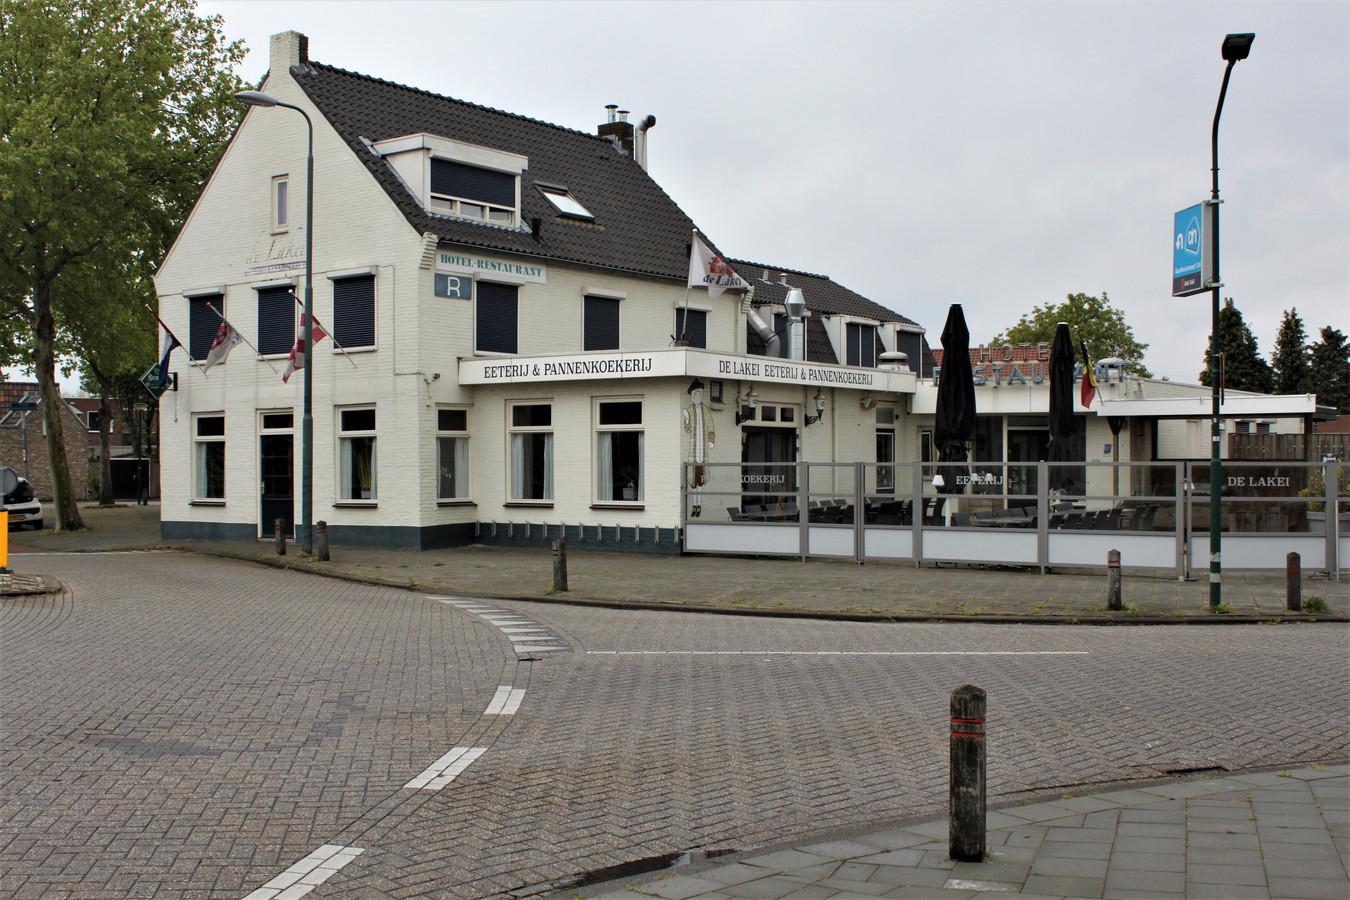 Als het aan de familie Blok ligt, ondergaat De Lakei in Kaatsheuvel een metamorfose.